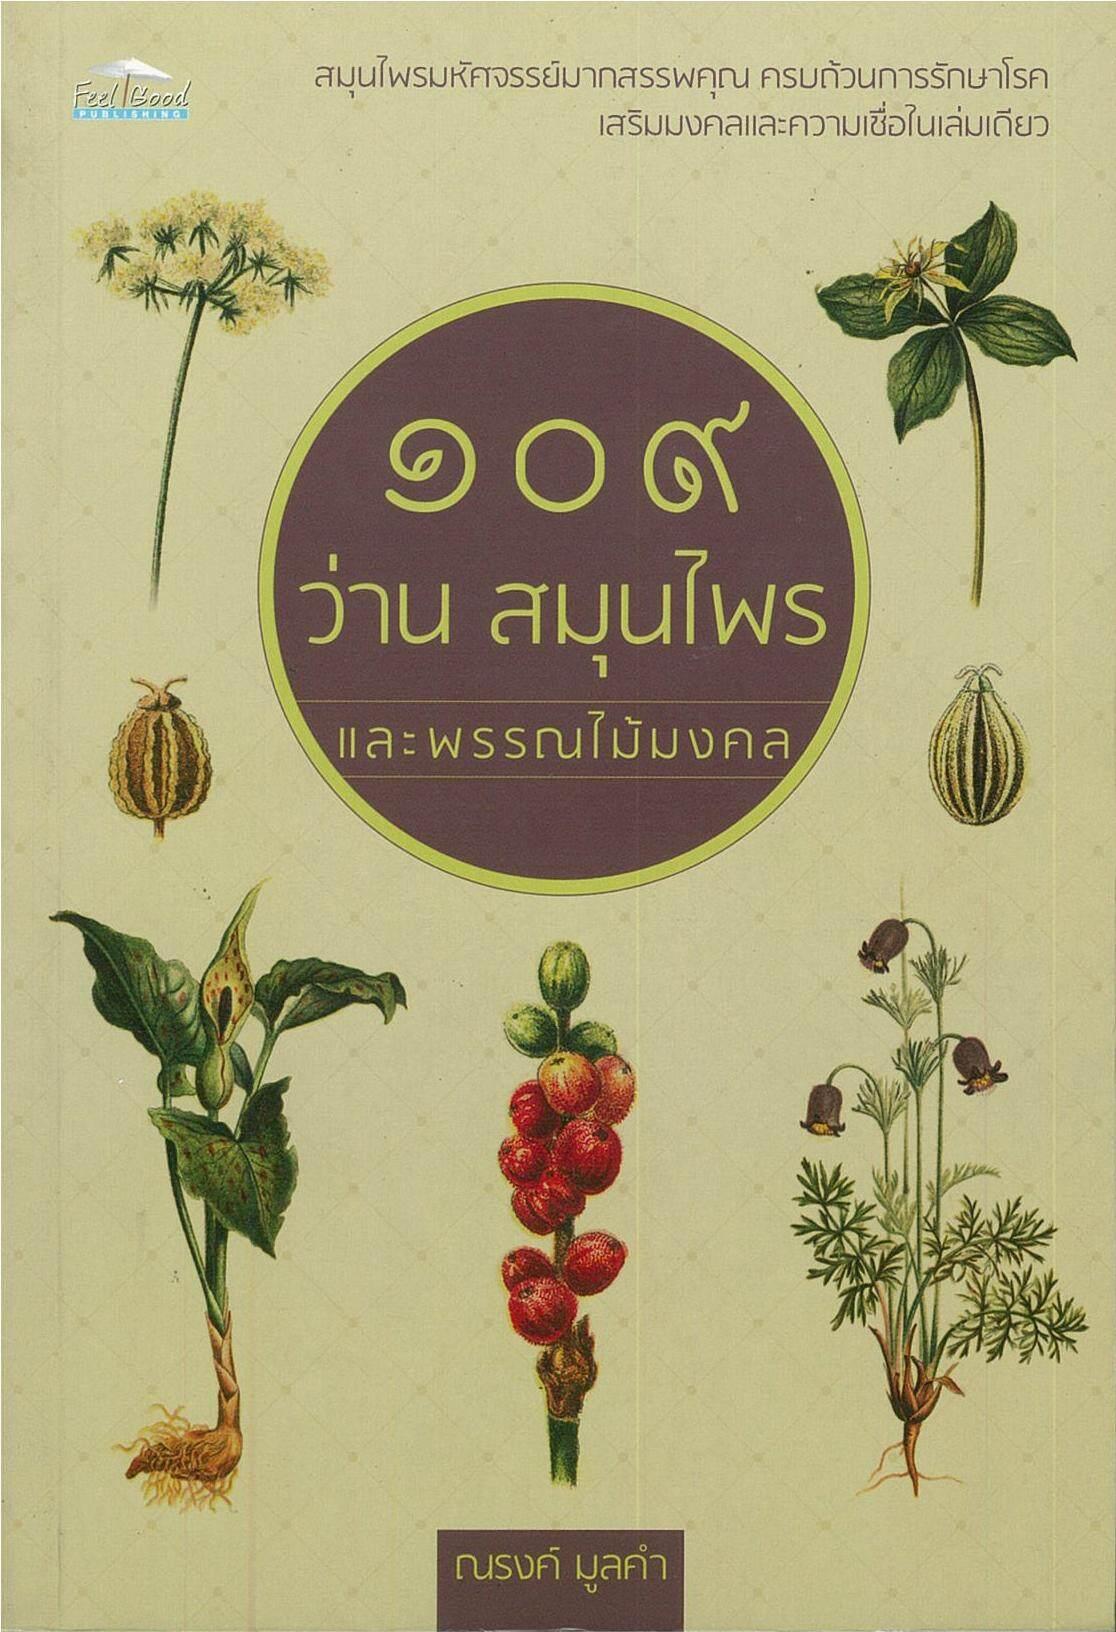 ๑๐๙ ว่าน สมุนไพร และพรรณไม้มงคล By Pailin Booknet.